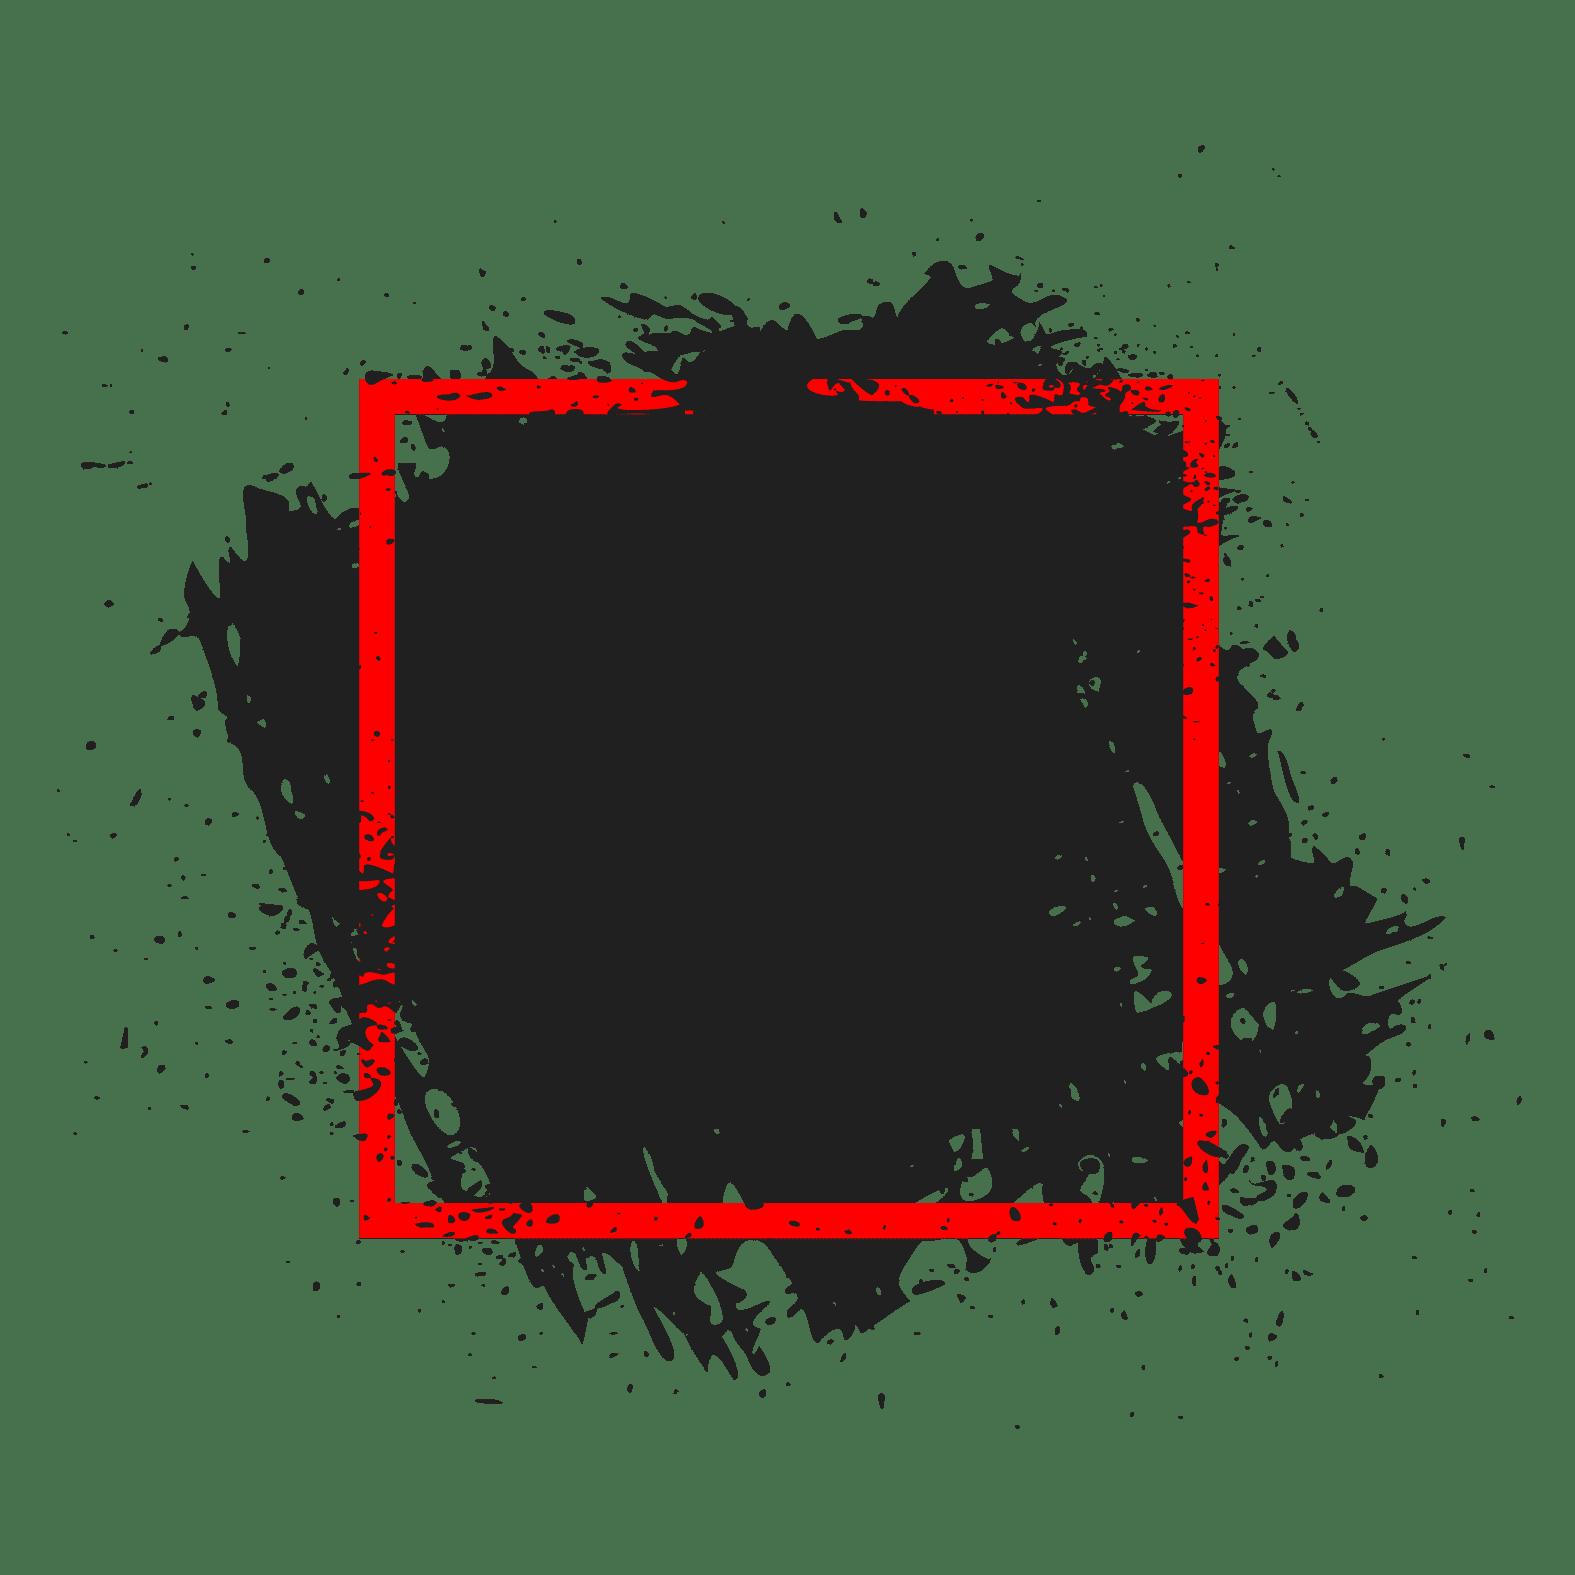 Ramp Armor splatter box